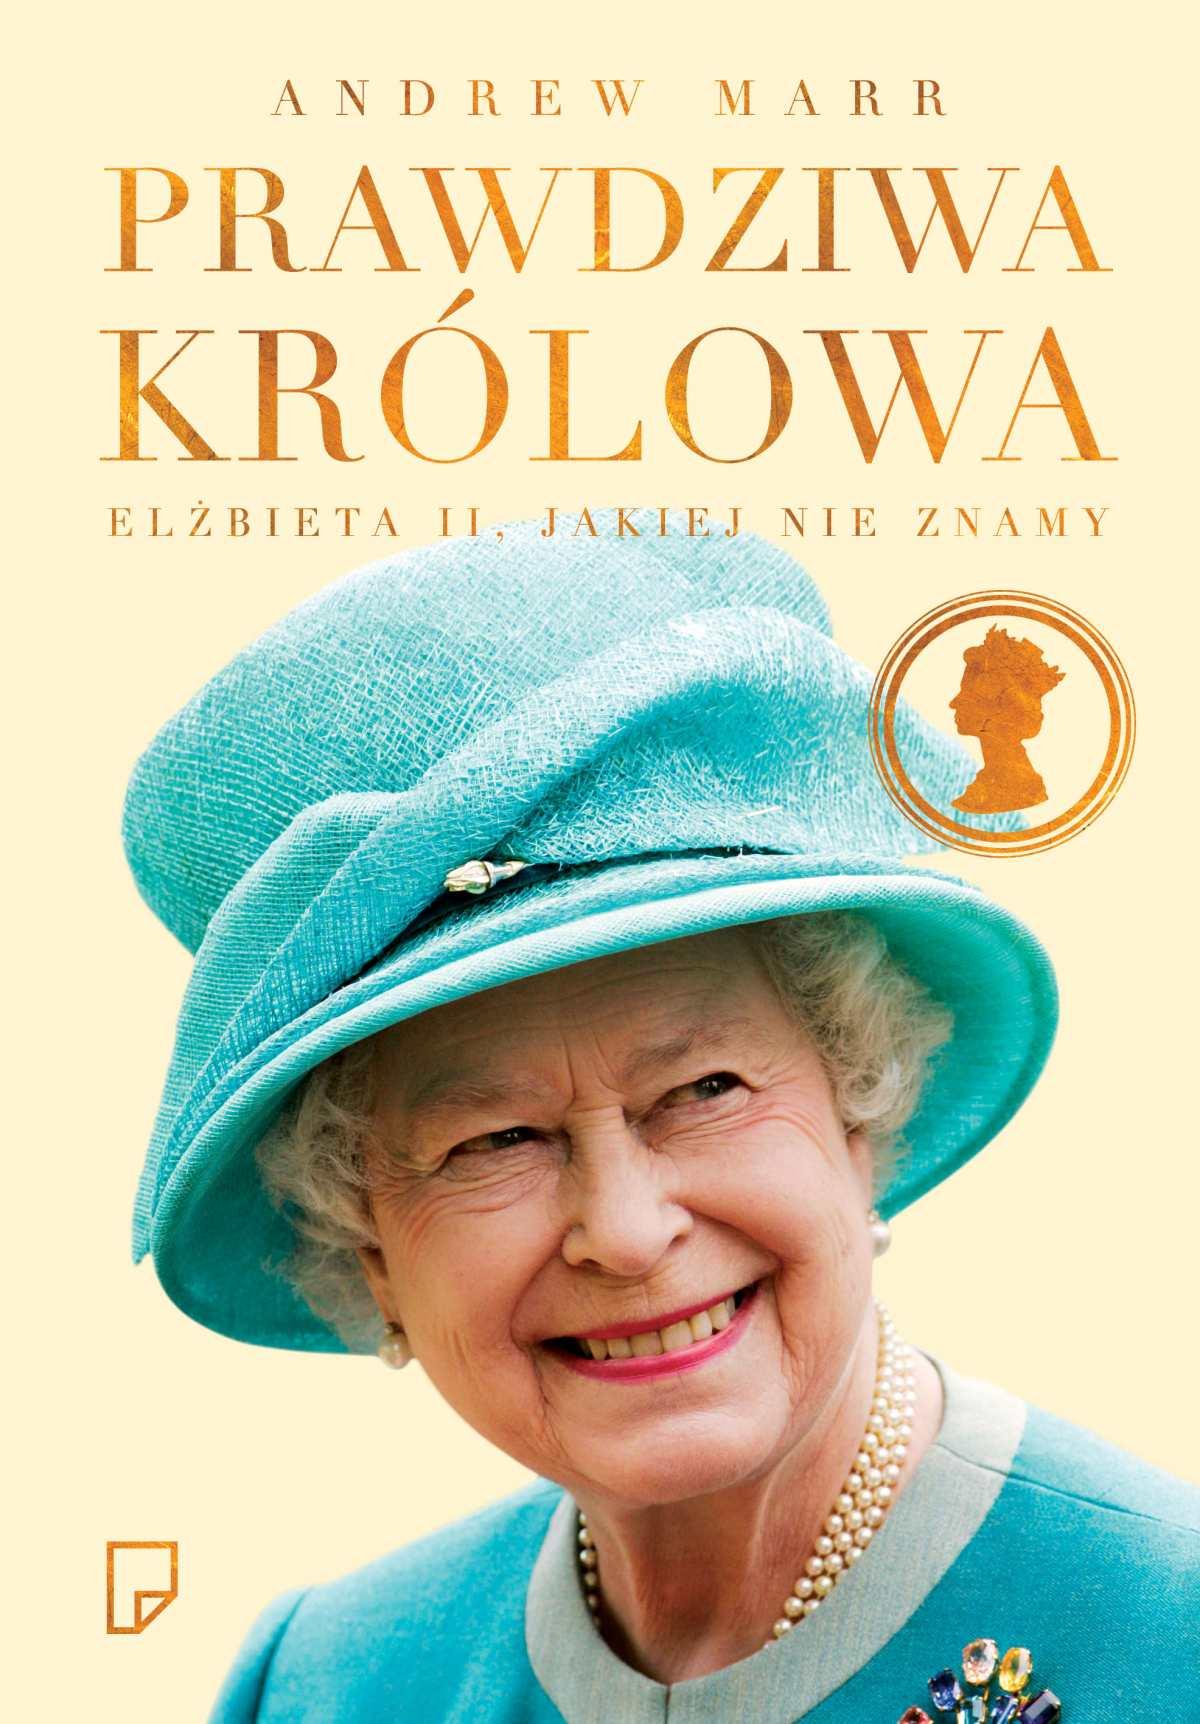 Prawdziwa królowa. Elżbieta II jakiej nie znamy - Ebook (Książka na Kindle) do pobrania w formacie MOBI